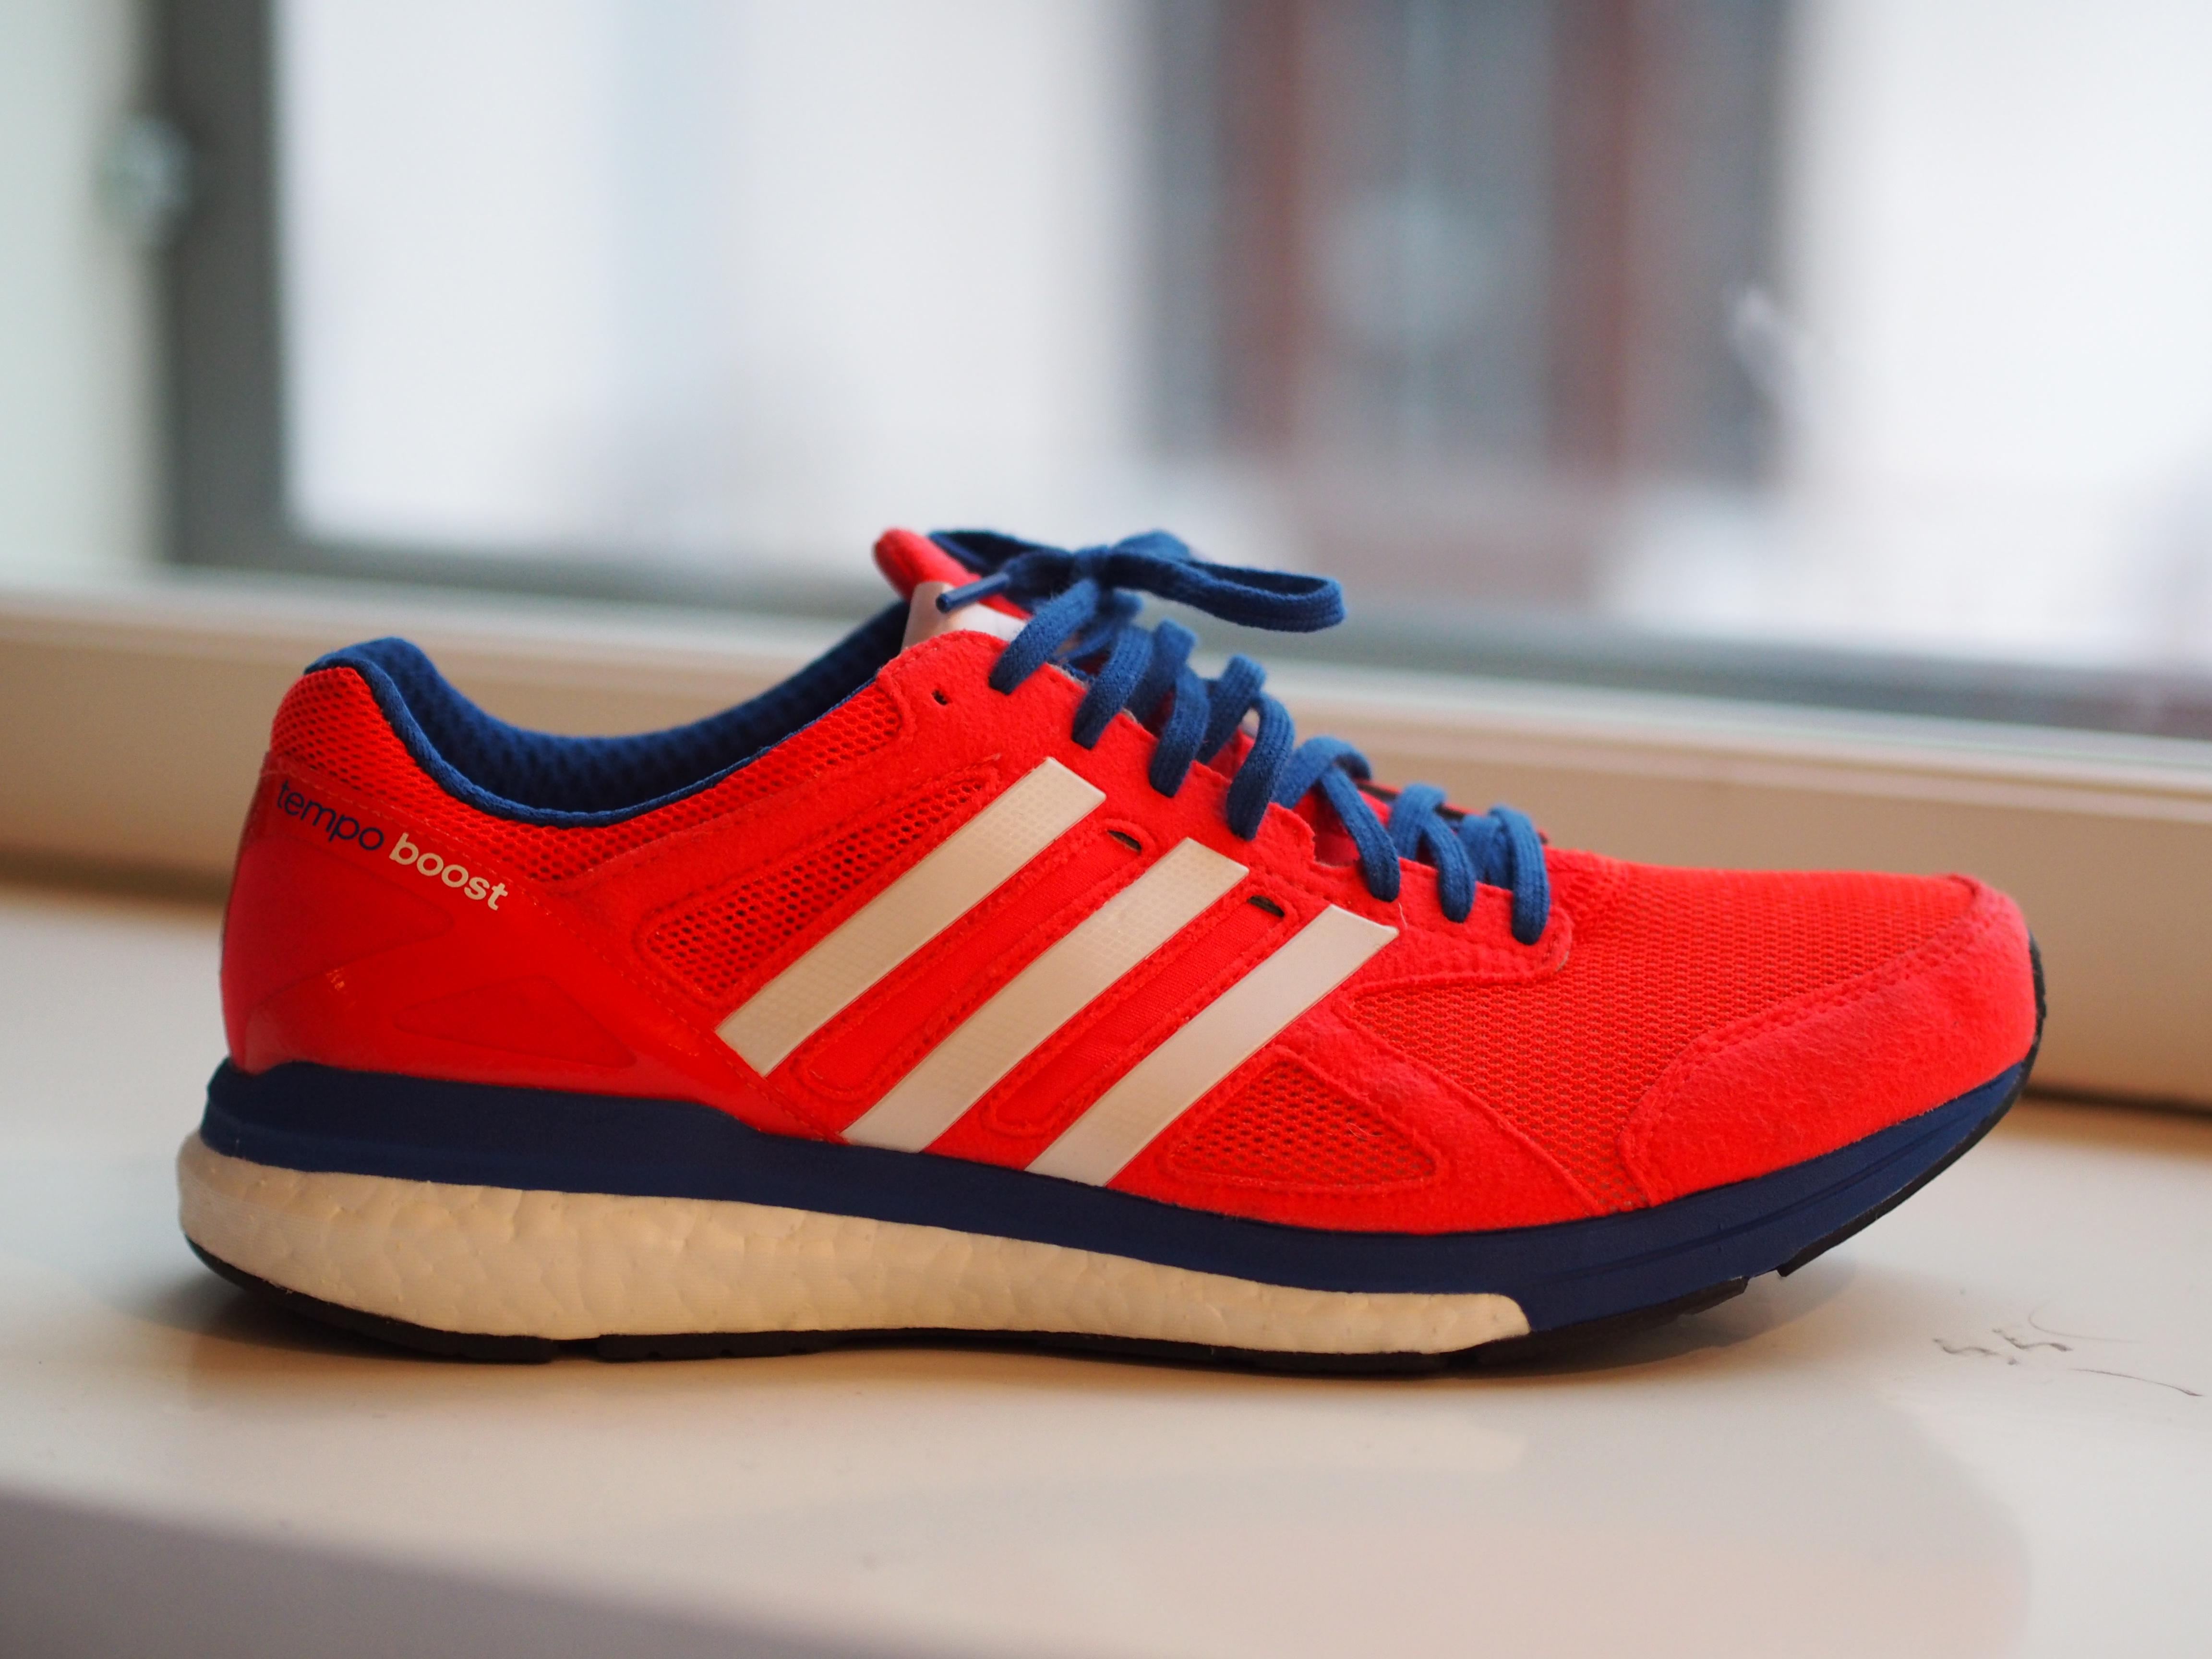 La nueva zapatilla de Adidas 7f32373c0